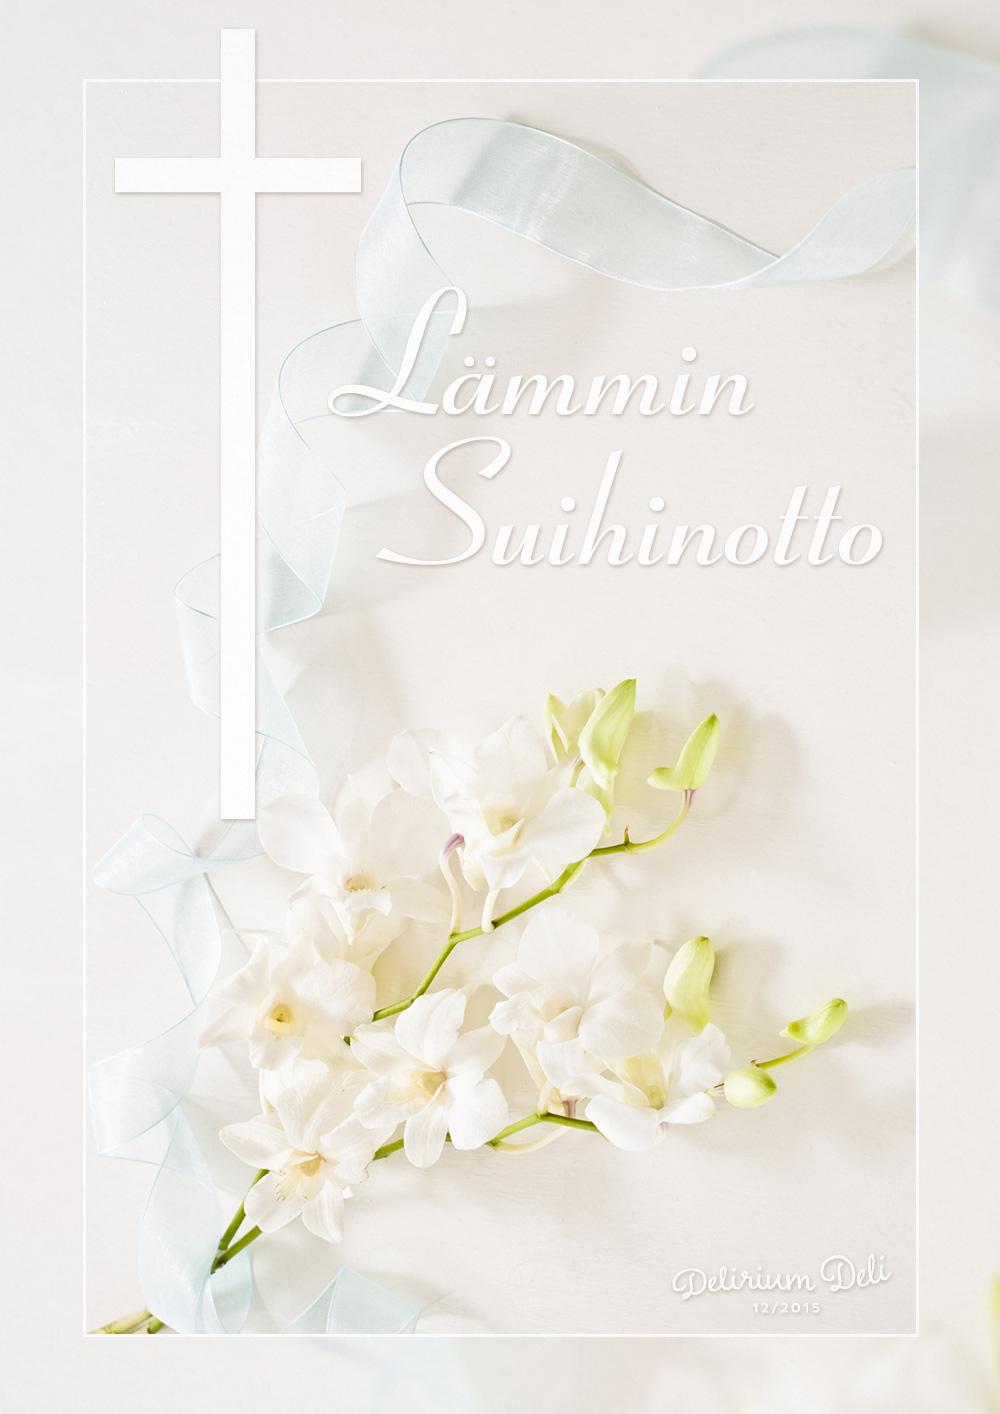 artikkeli-lammin-suihintottoni-2